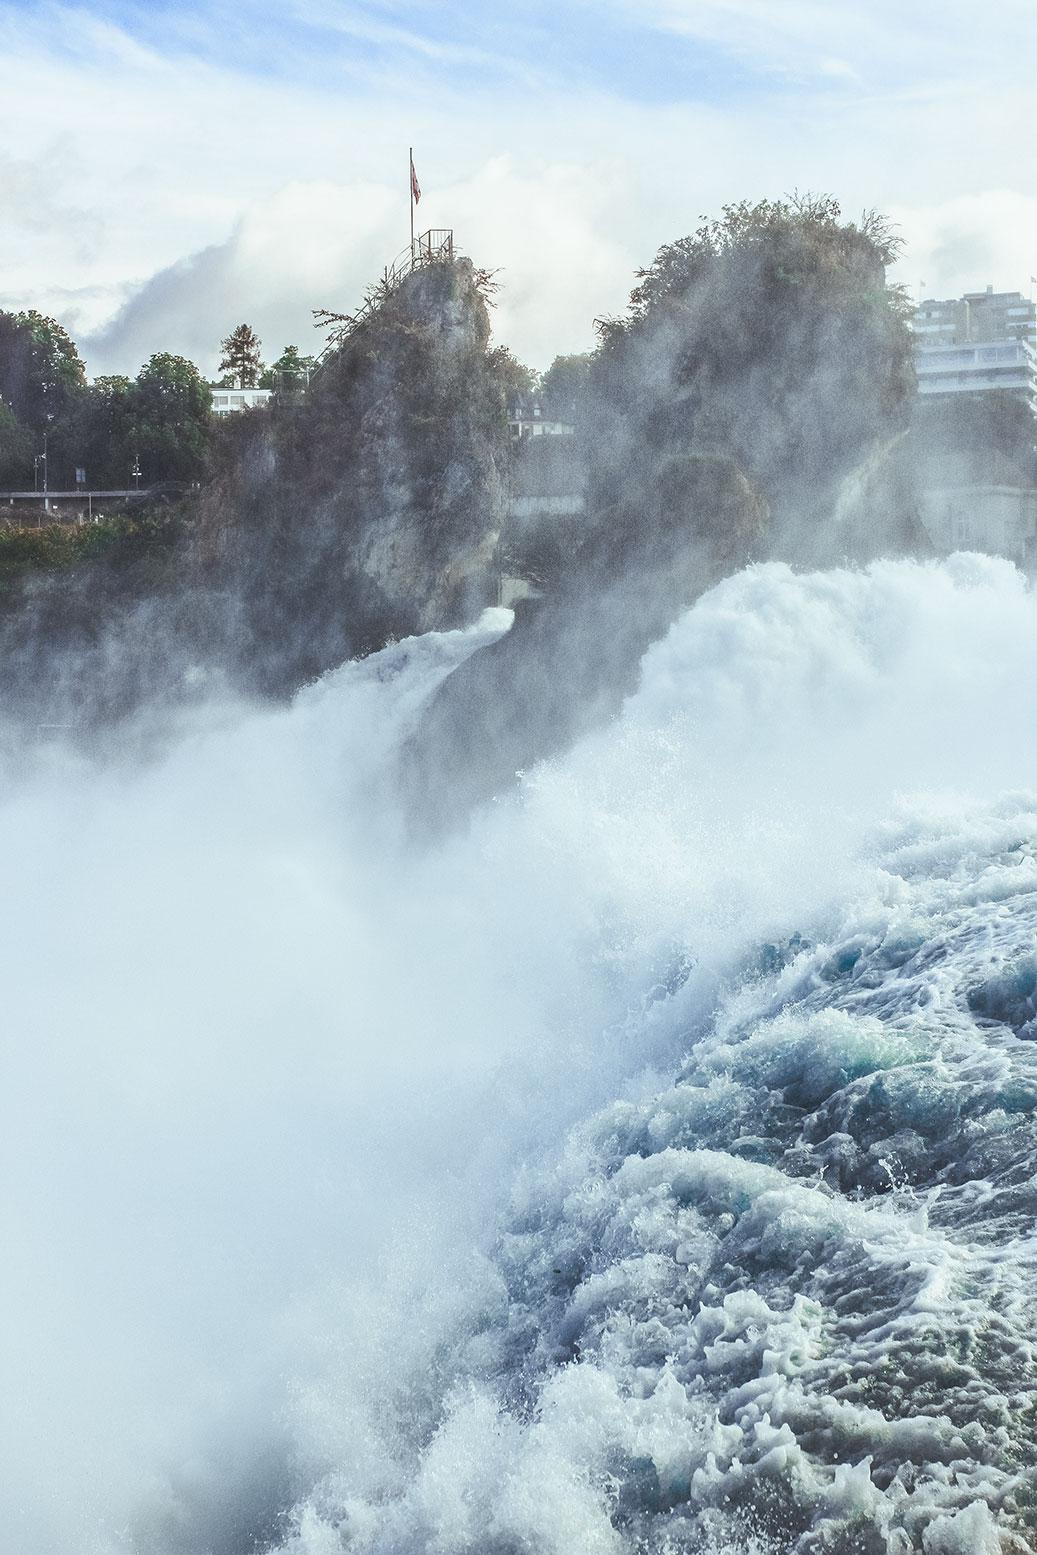 Rheinfall-Schweiz-größter-Wasserfall-Europas-Tagestrip